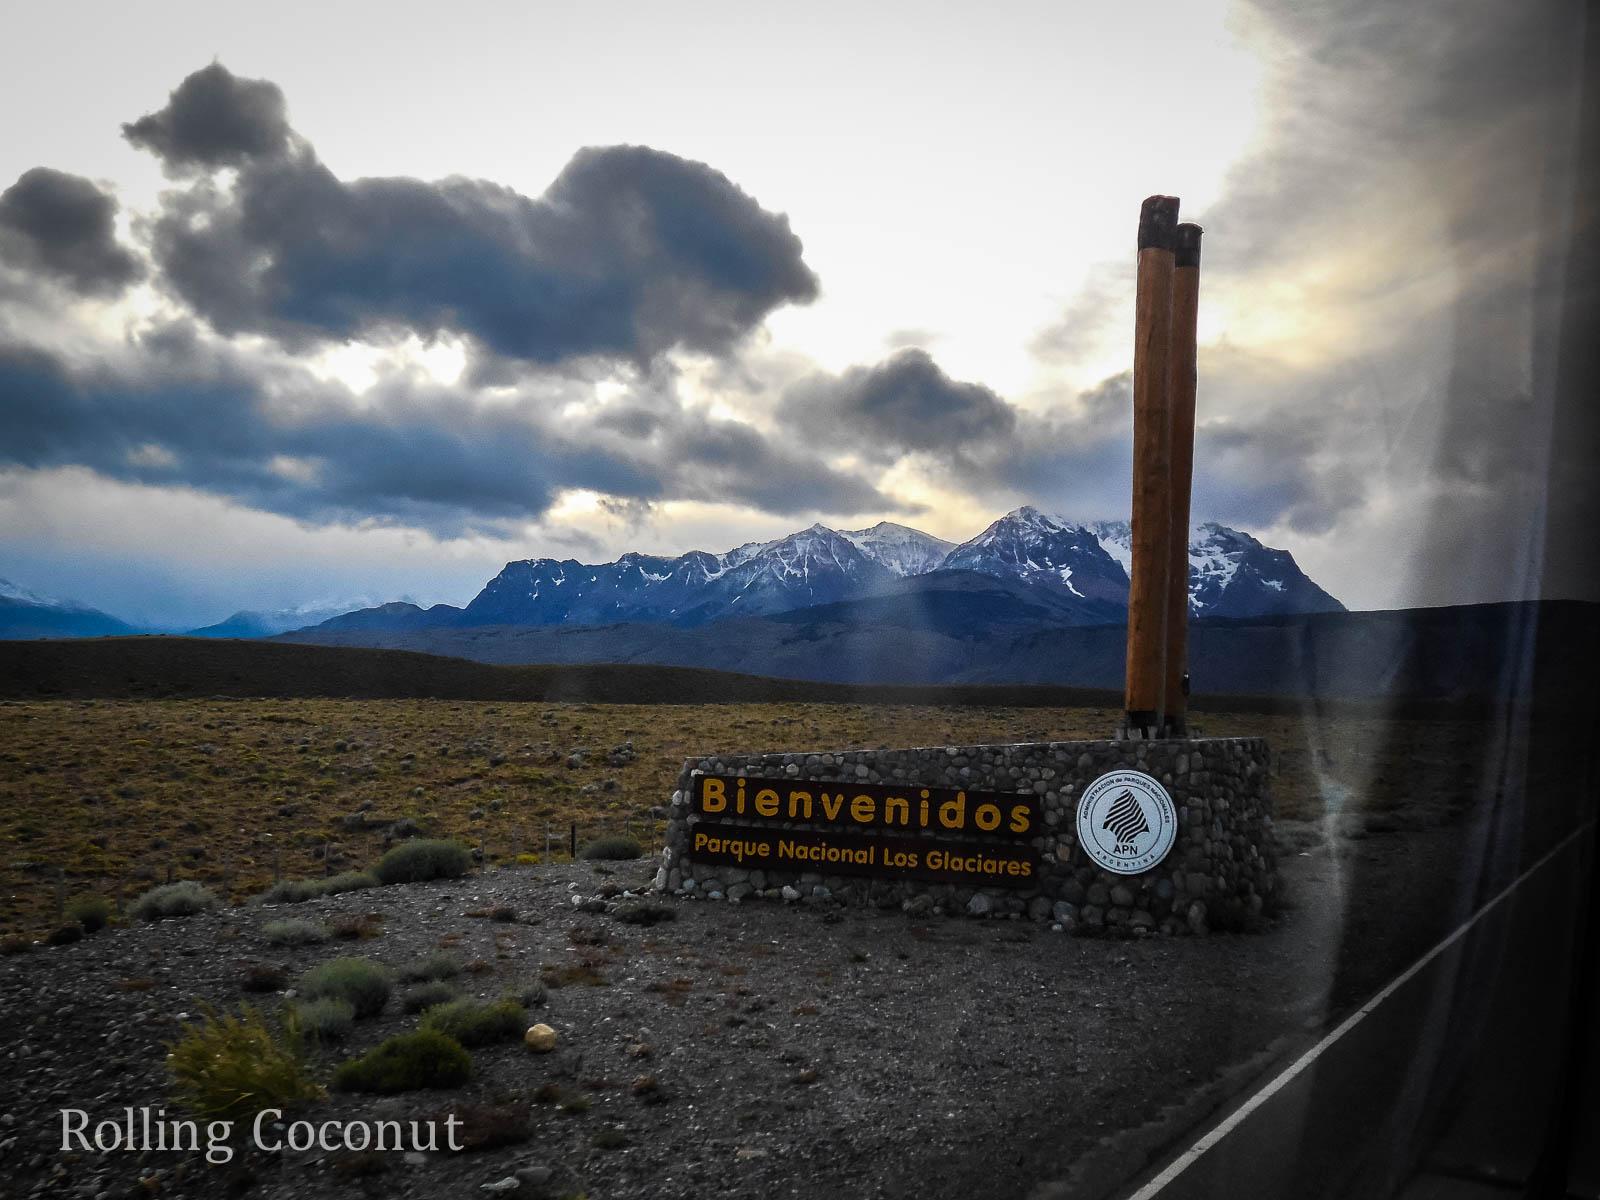 El Chalten Argentina Patagonia Parque Nacional Los Glaciares ooaworld Rolling Coconut Photo Ooaworld